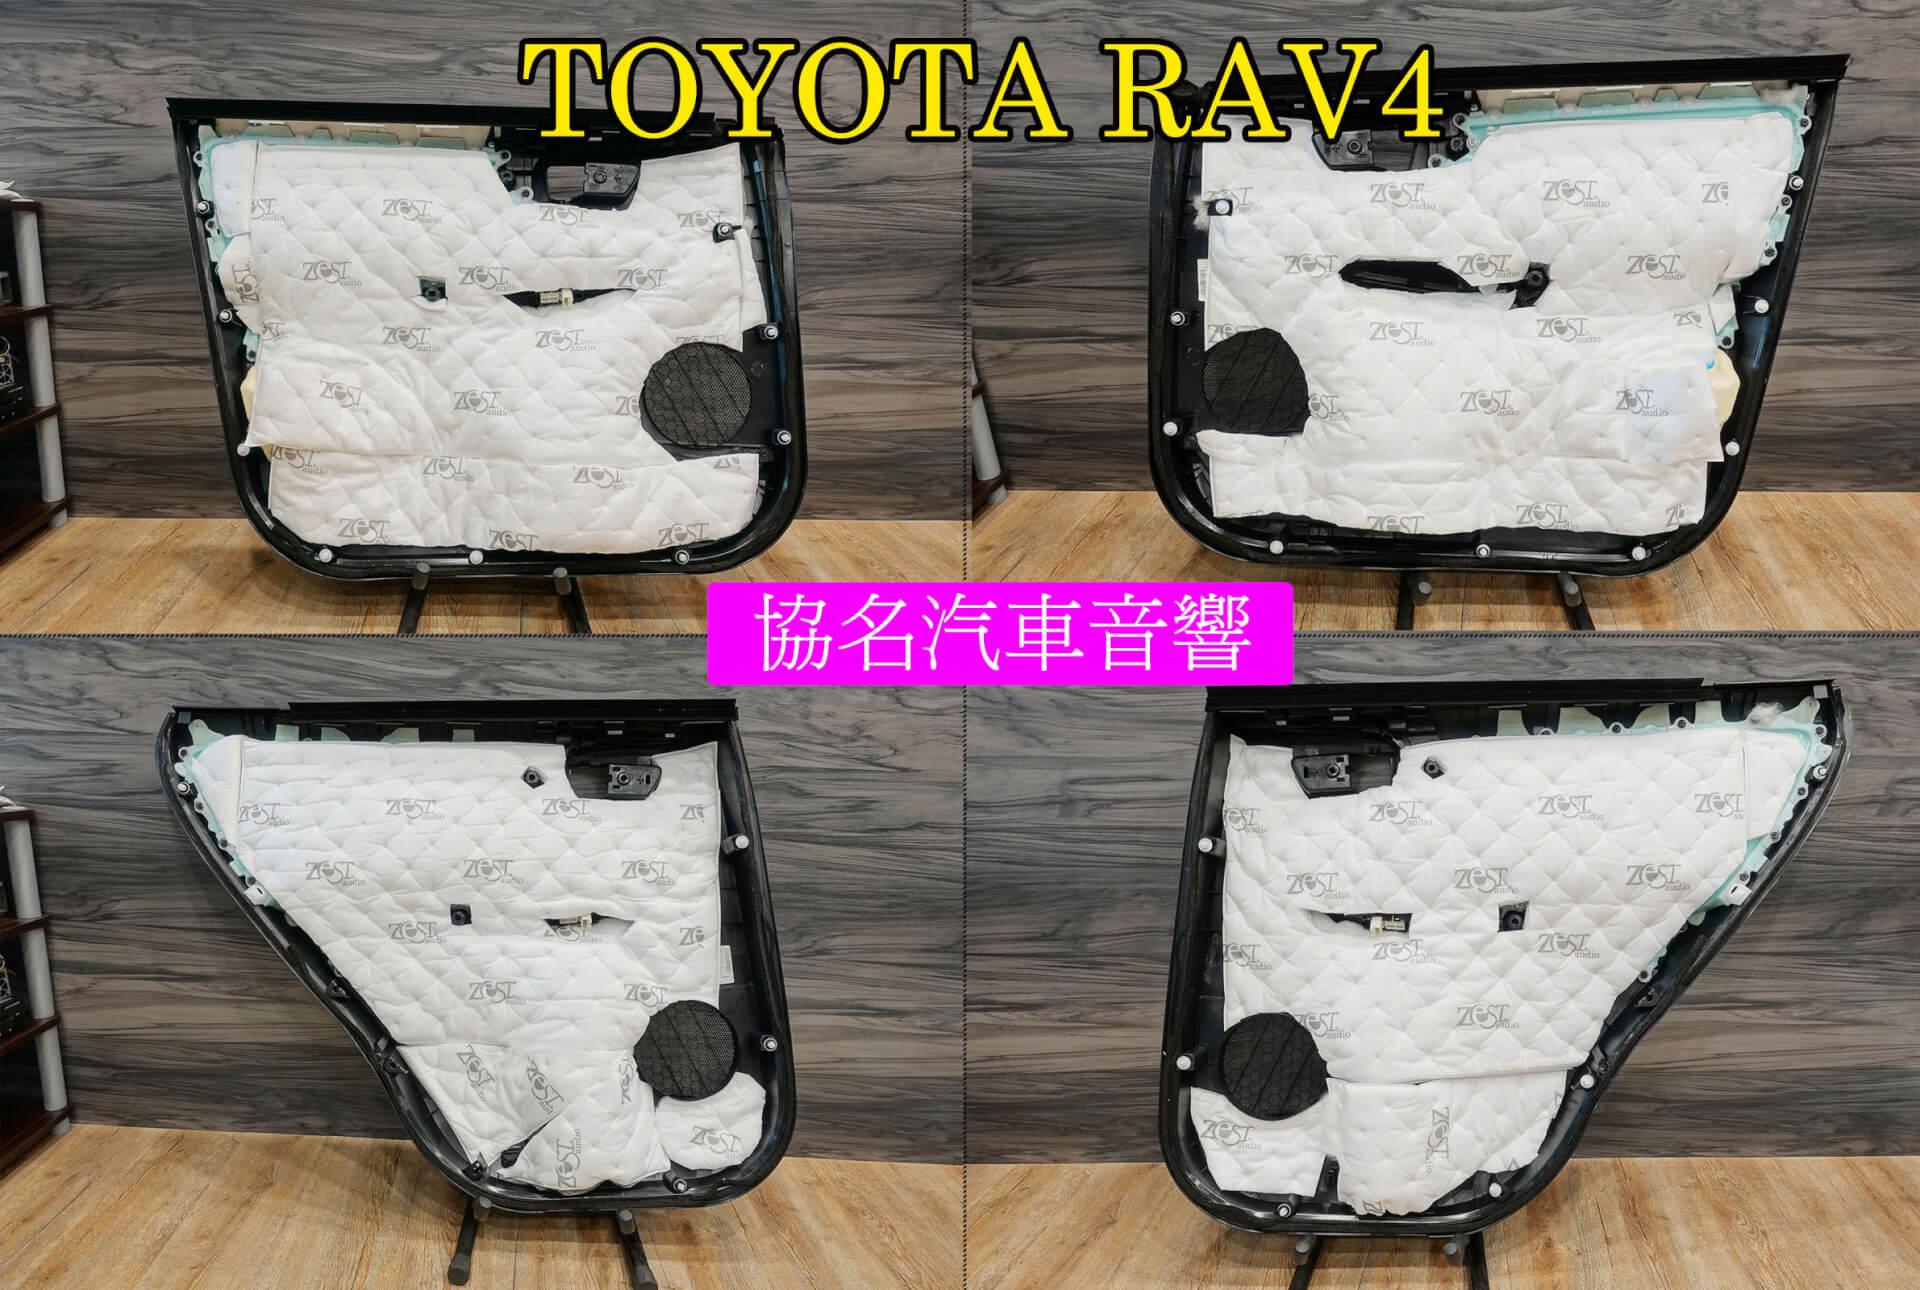 TOYOTA RAV4 小資方案音質大提升